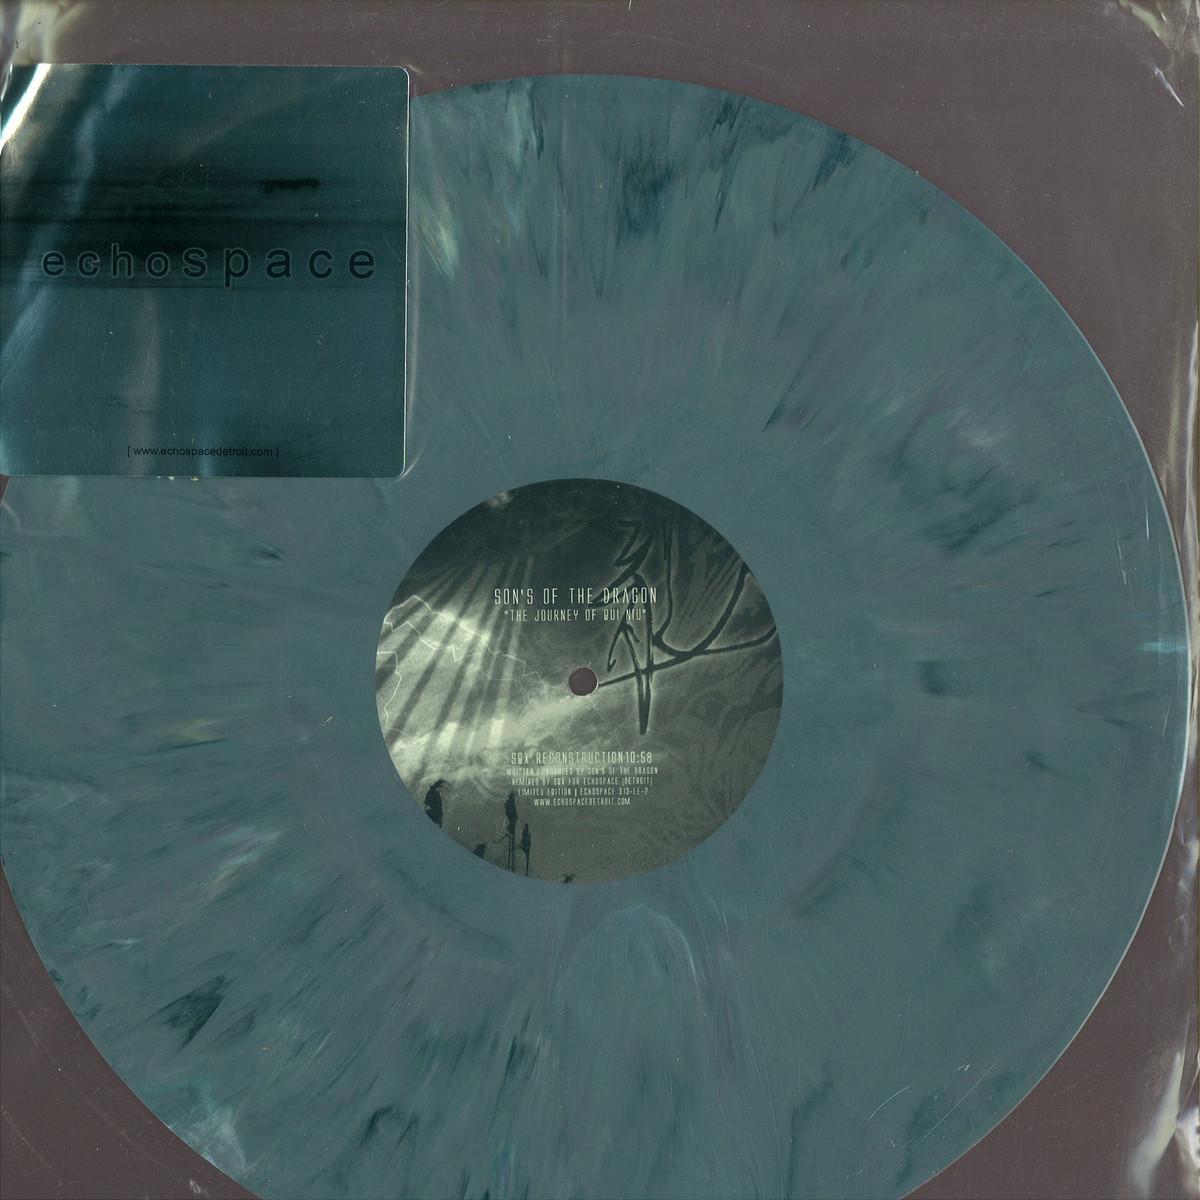 deejay de - Echospace